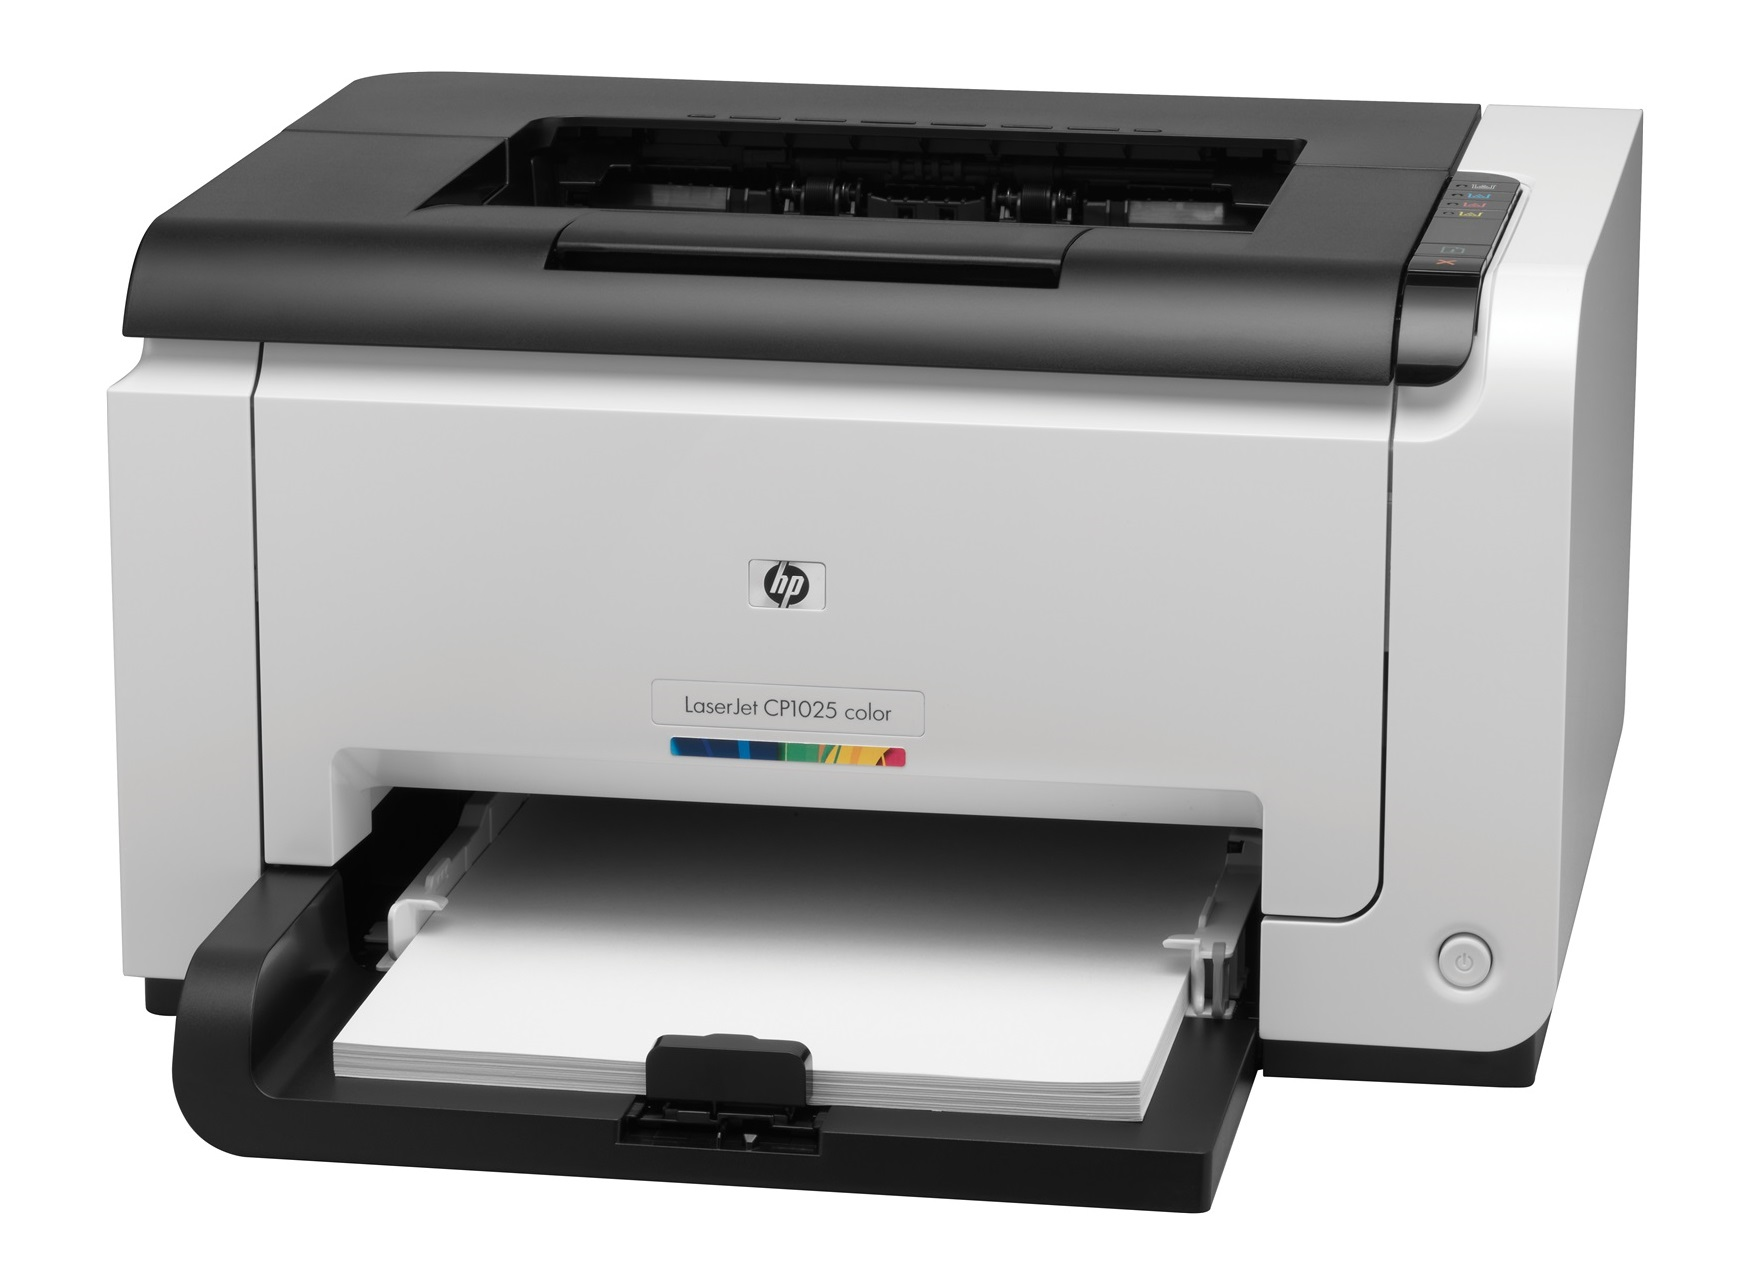 HP LaserJet Pro CP1025